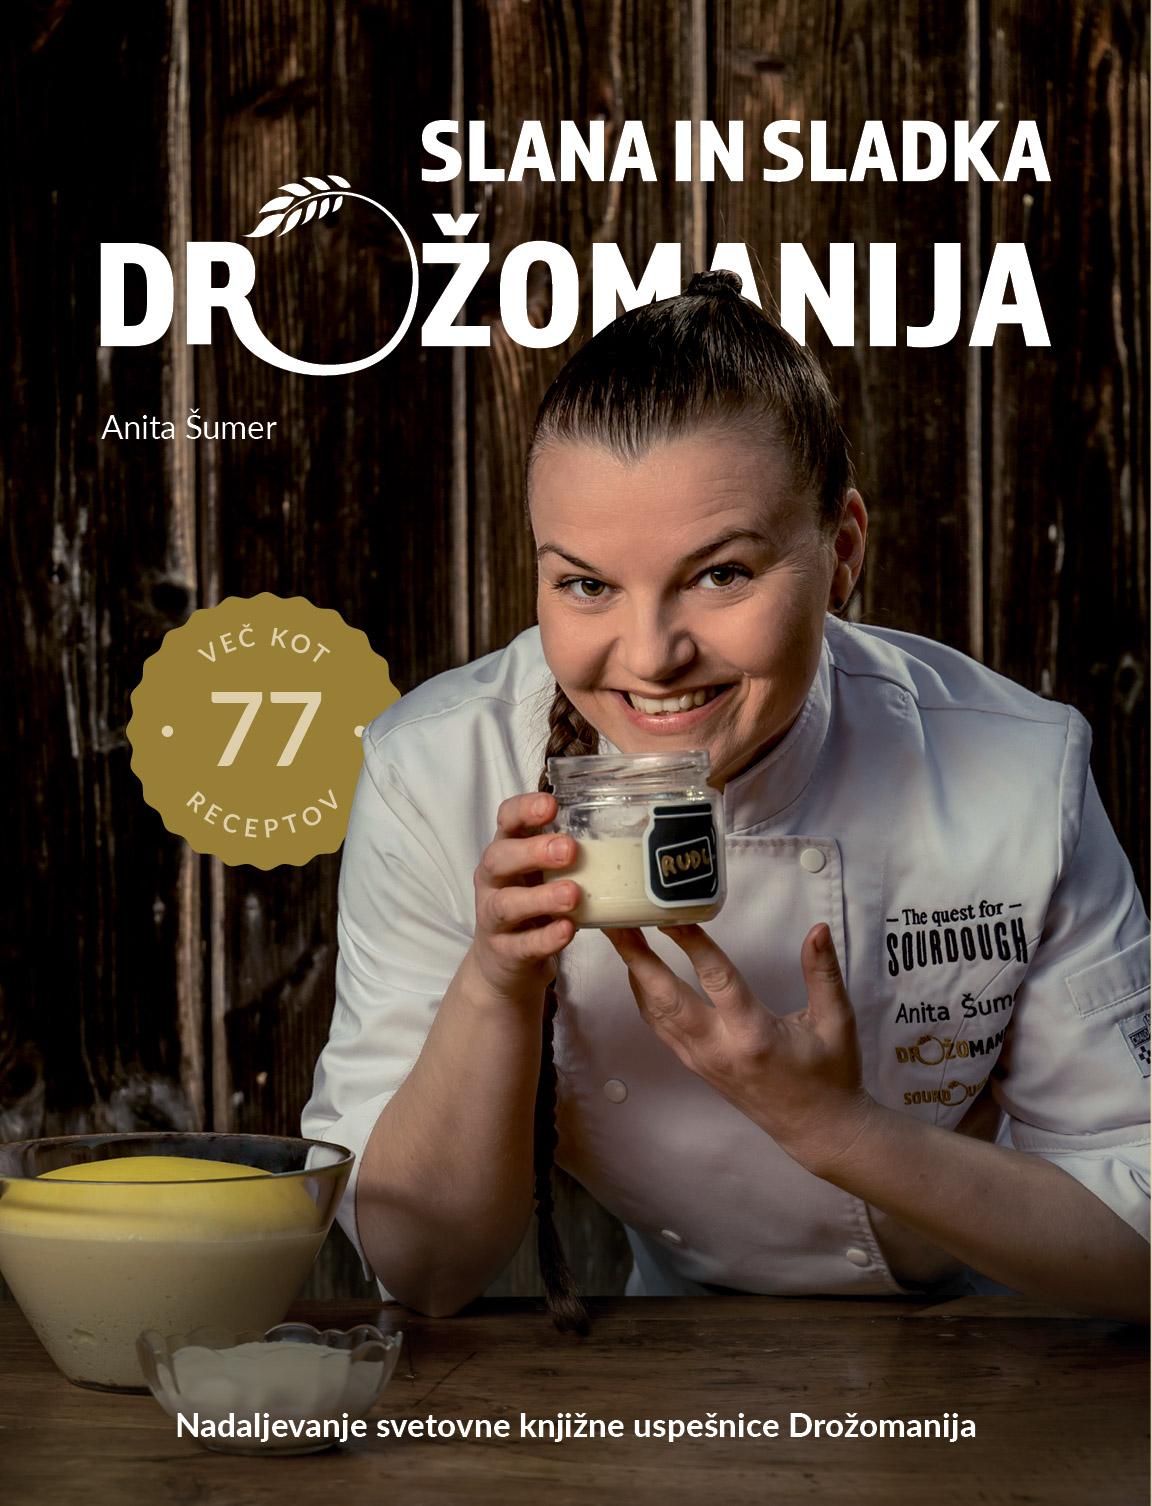 SladkaINslana Drozomanija naslovnica 2020